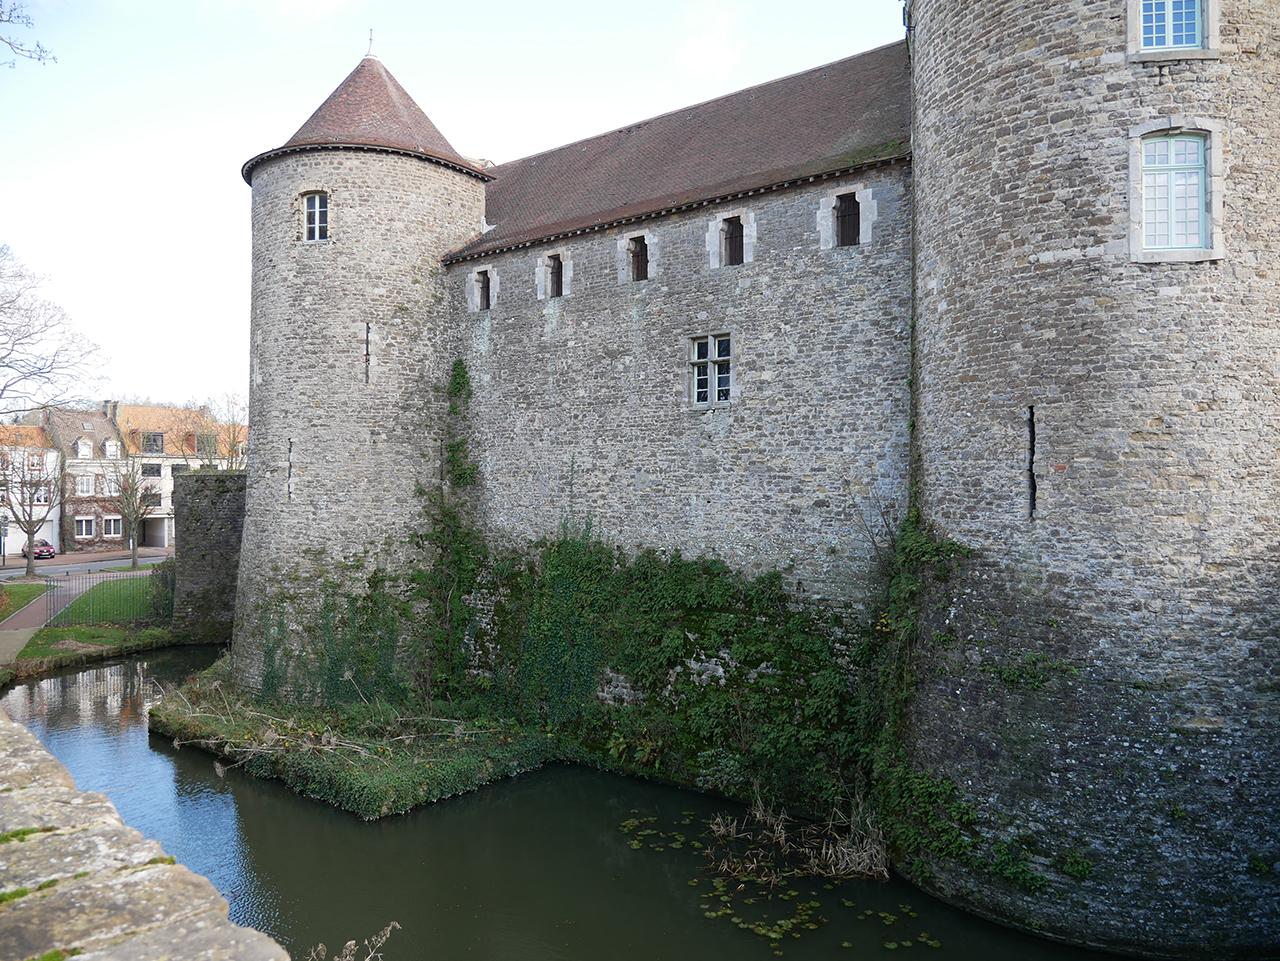 Boulogne sur mer Castle